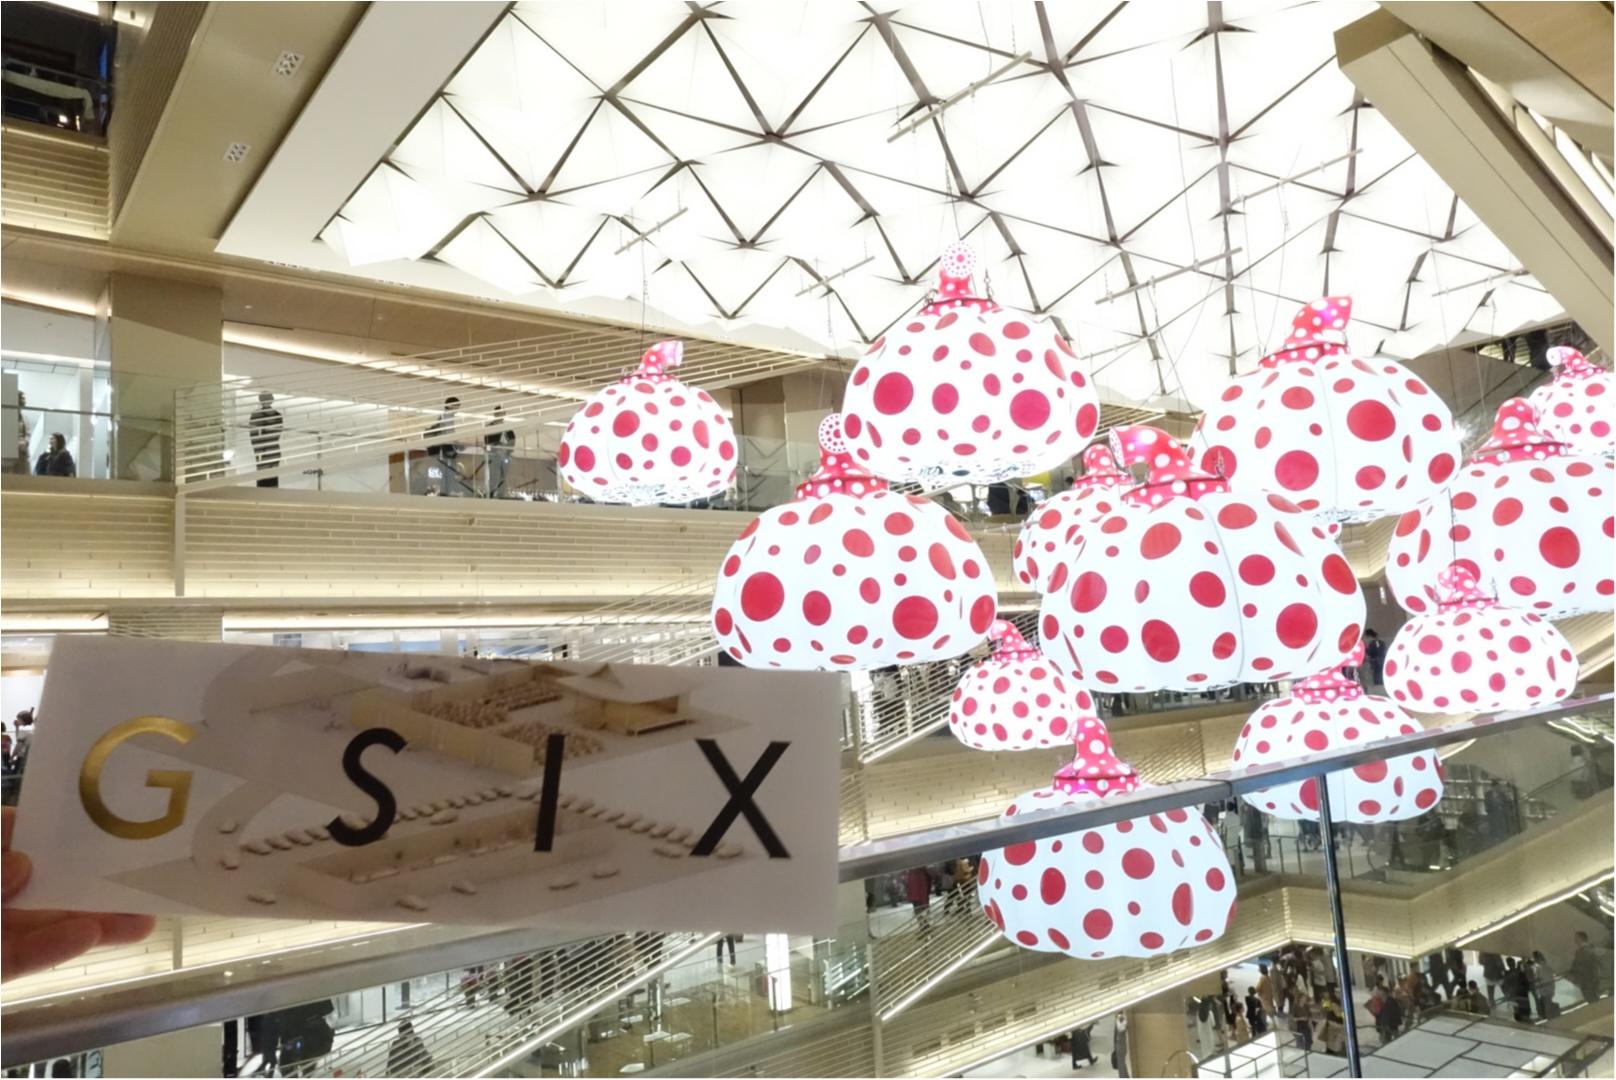 ★明日(4/20)オープン!銀座にできた新しい商業施設【GINZA SIX】に一足お先にお邪魔してきました!_1